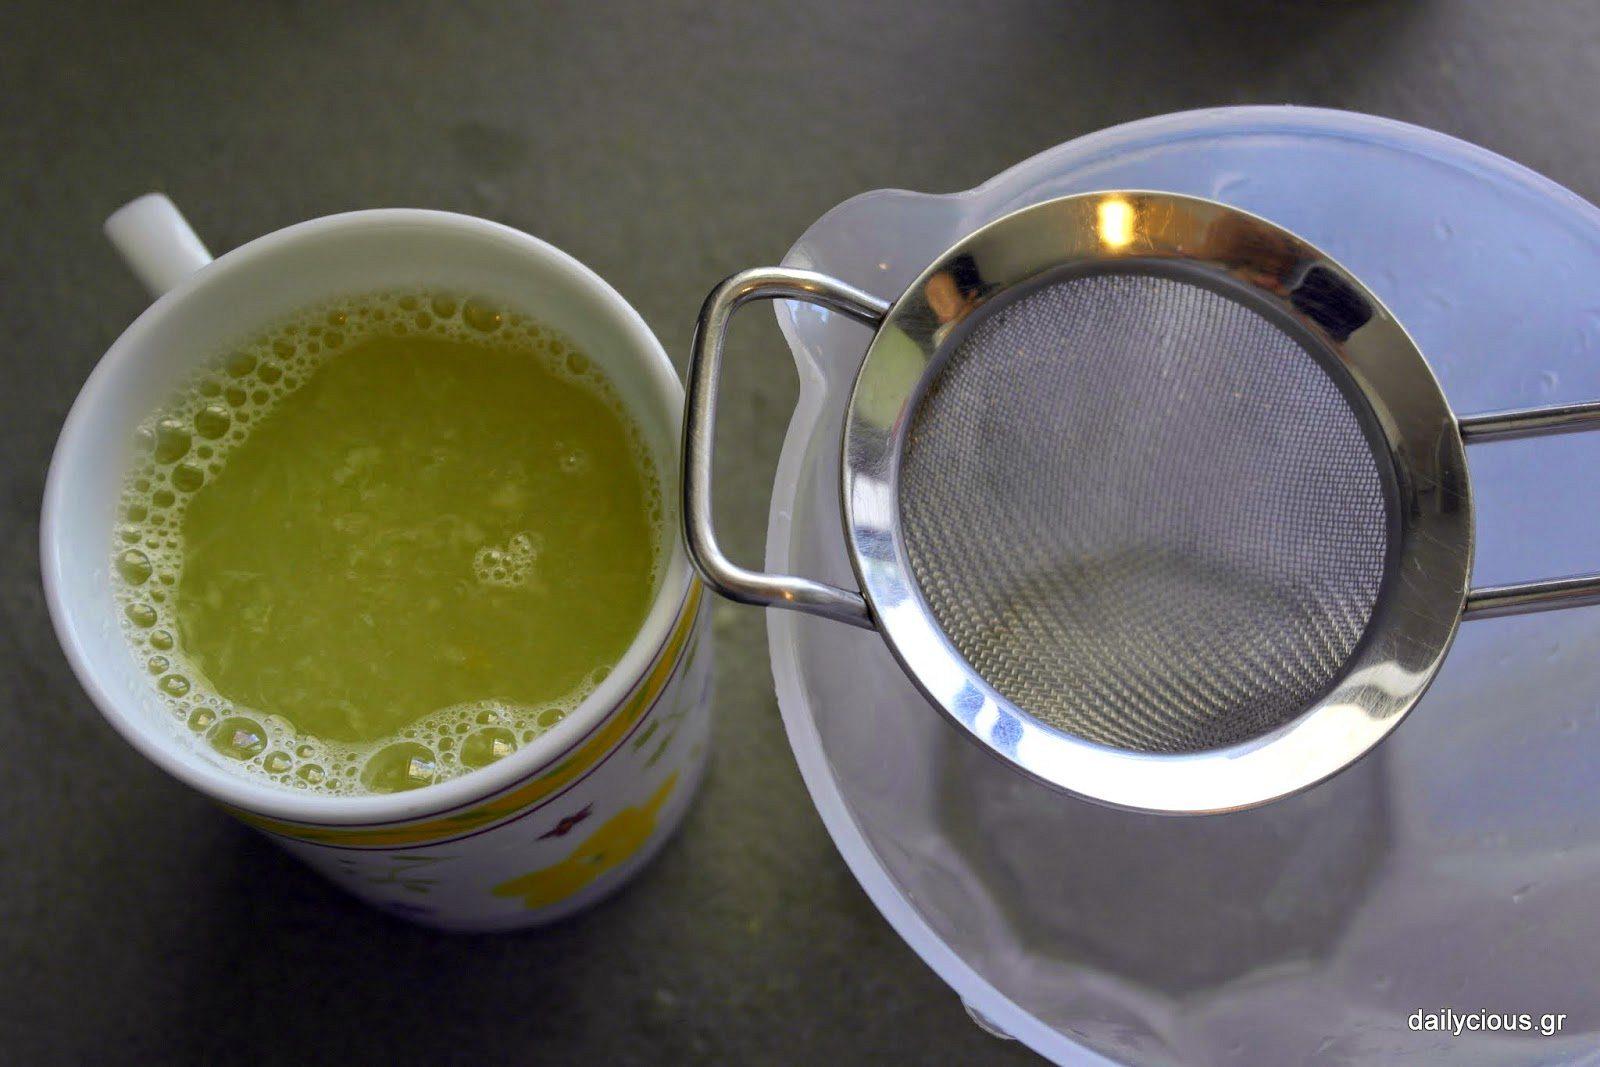 Περνάω από σίτα τον χυμό λεμονιού.